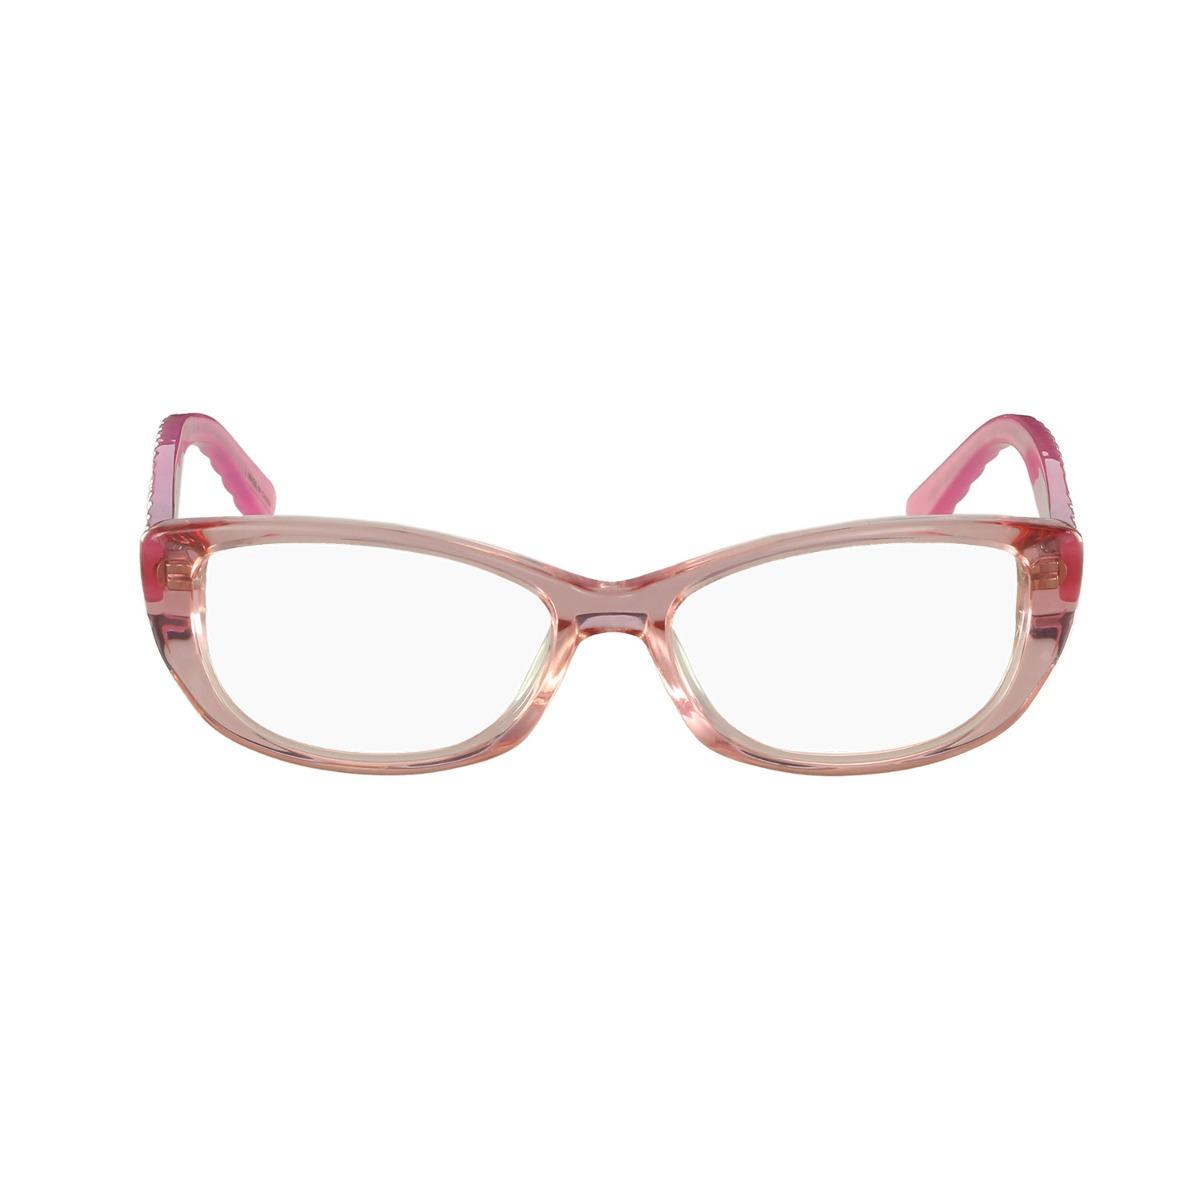 c1b06e76f72b3 Óculos De Grau Lilica Ripilica Casual Rosa - R  305,00 em Mercado Livre